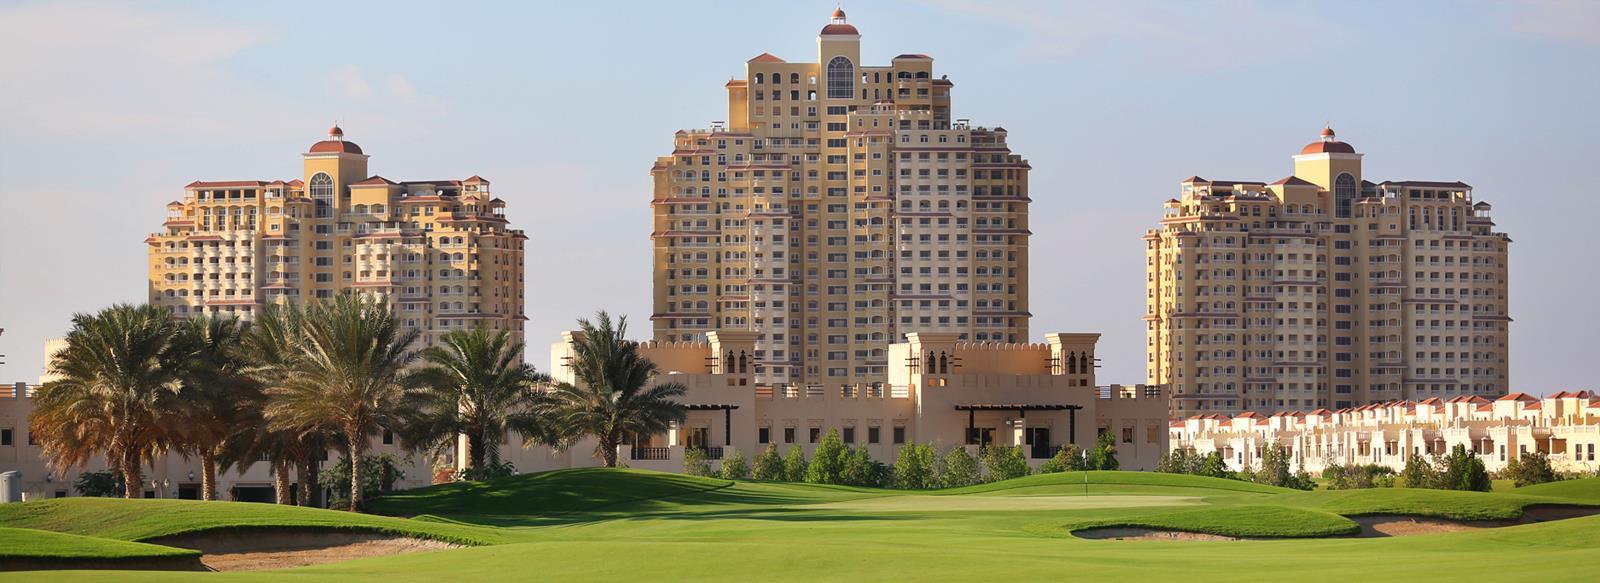 The Royal Breeze Residences - Al Hamra RAK